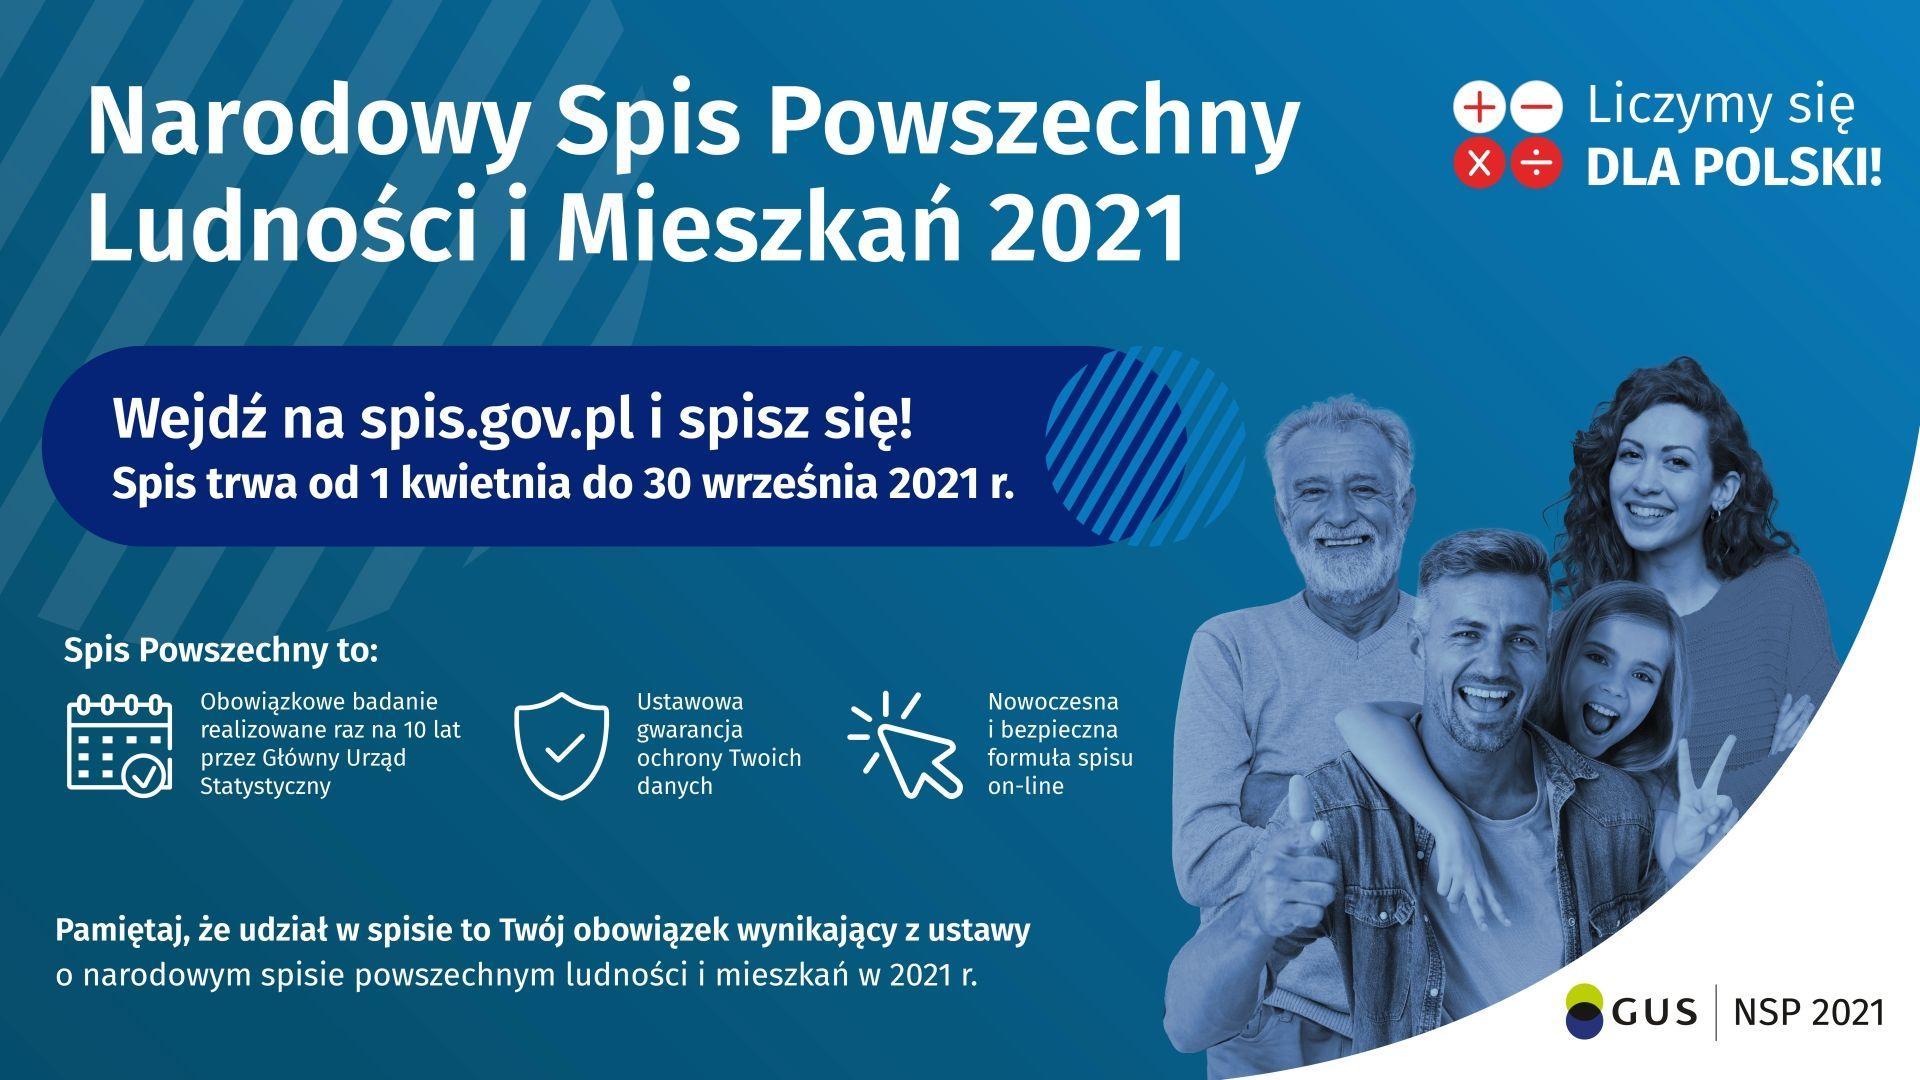 TRWA SPIS POWSZECHNY - zobacz więcej